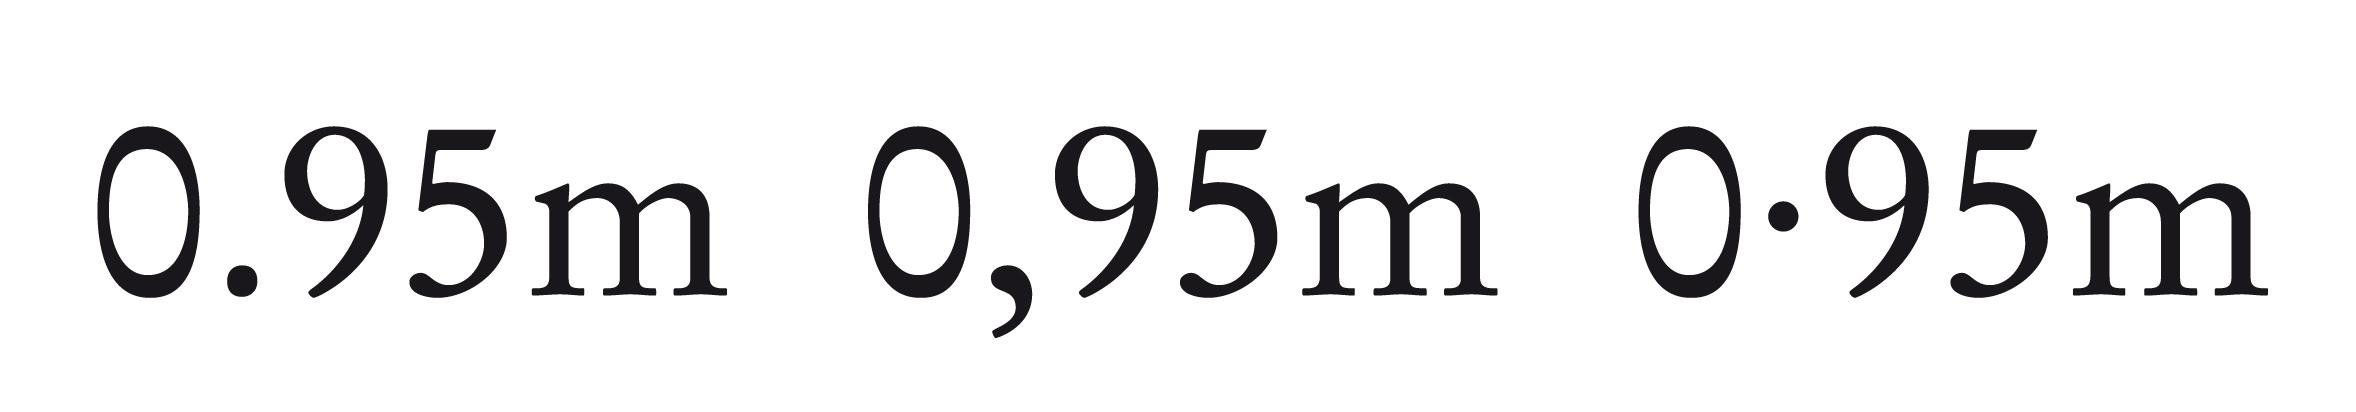 数字のあとにスペースを入れるか?_e0175918_08694.jpg